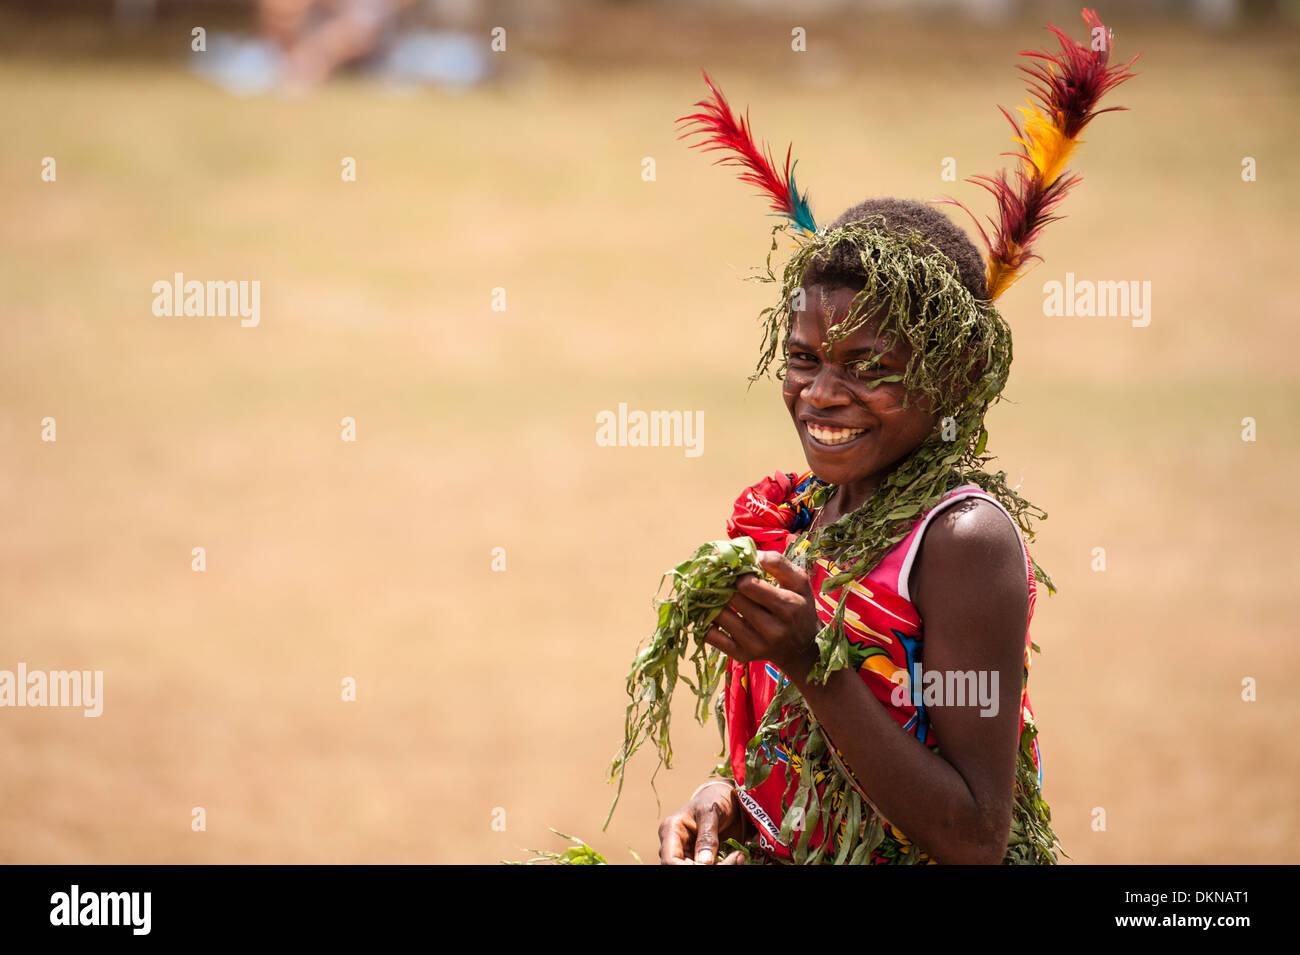 L'un des artistes de Tanna prenant part à l'Fest' Sawagoro, une célébration de la culture traditionnelle, la coutume au Vanuatu. Banque D'Images